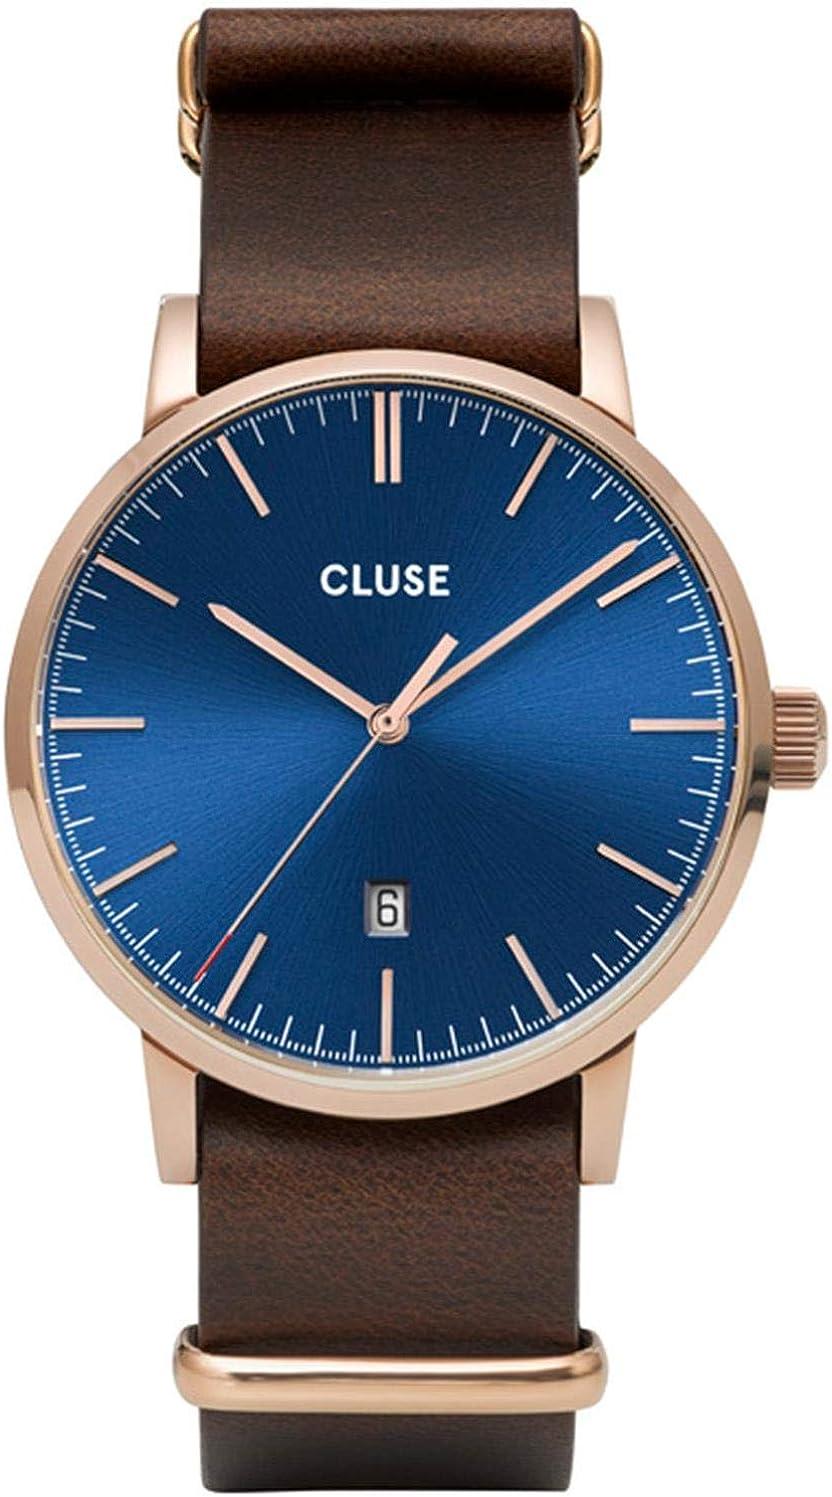 Cluse Aravis Reloj de Hombre Cuarzo 40mm Correa de Cuero CW0101501009